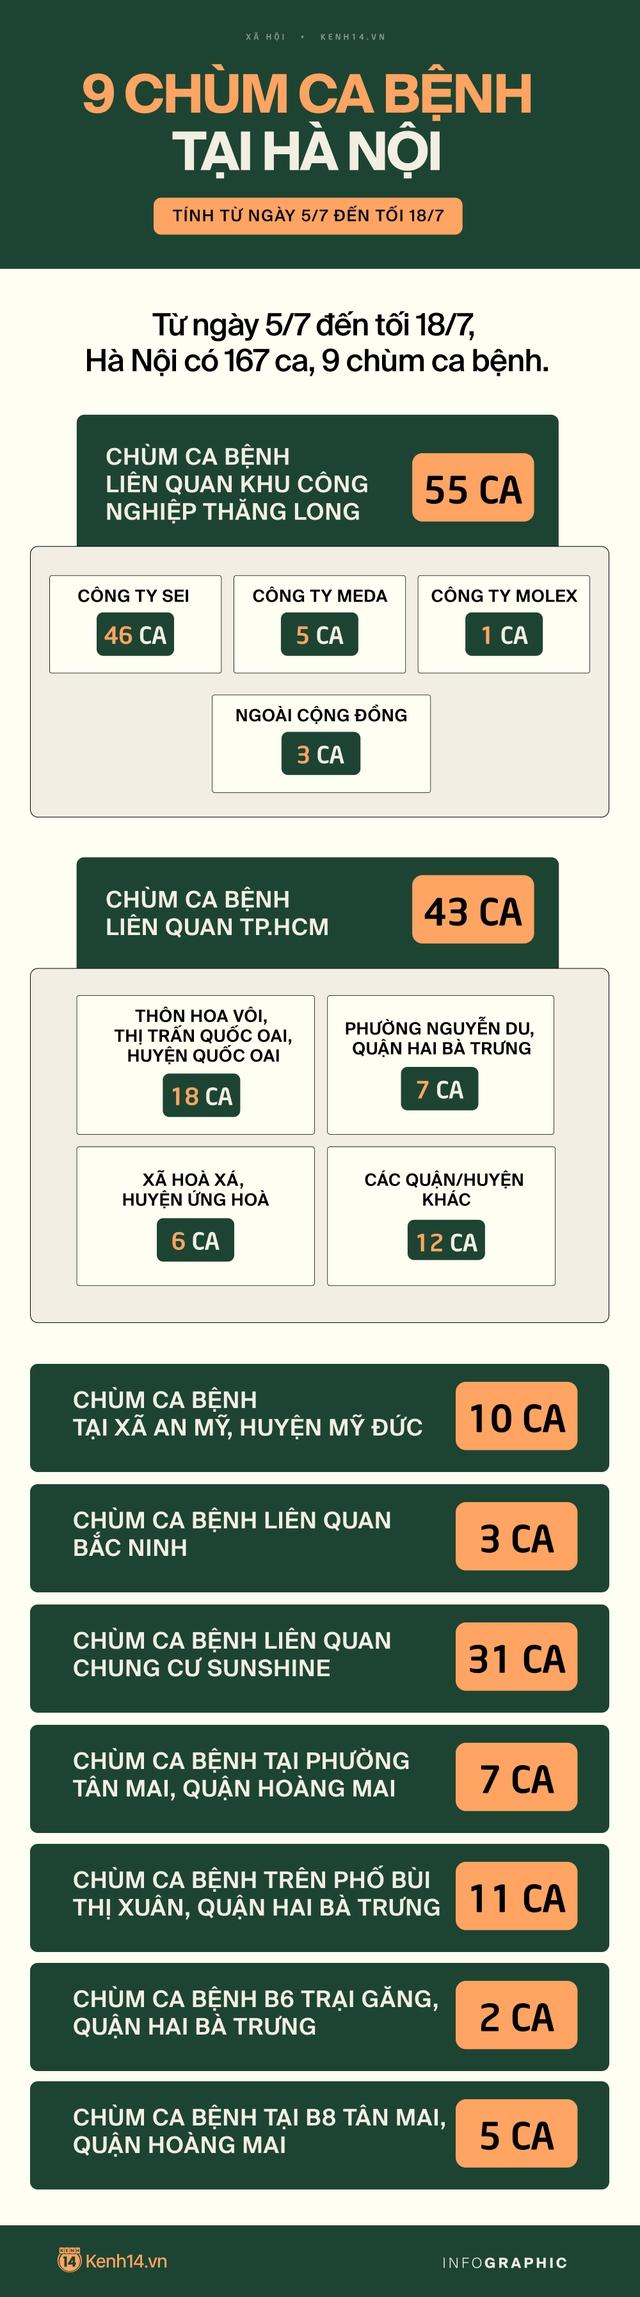 INFOGRAPHIC: 9 chùm ca bệnh Covid-19 tại Hà Nội, nhiều chuỗi lây nhiễm chưa rõ nguồn lây - Ảnh 1.